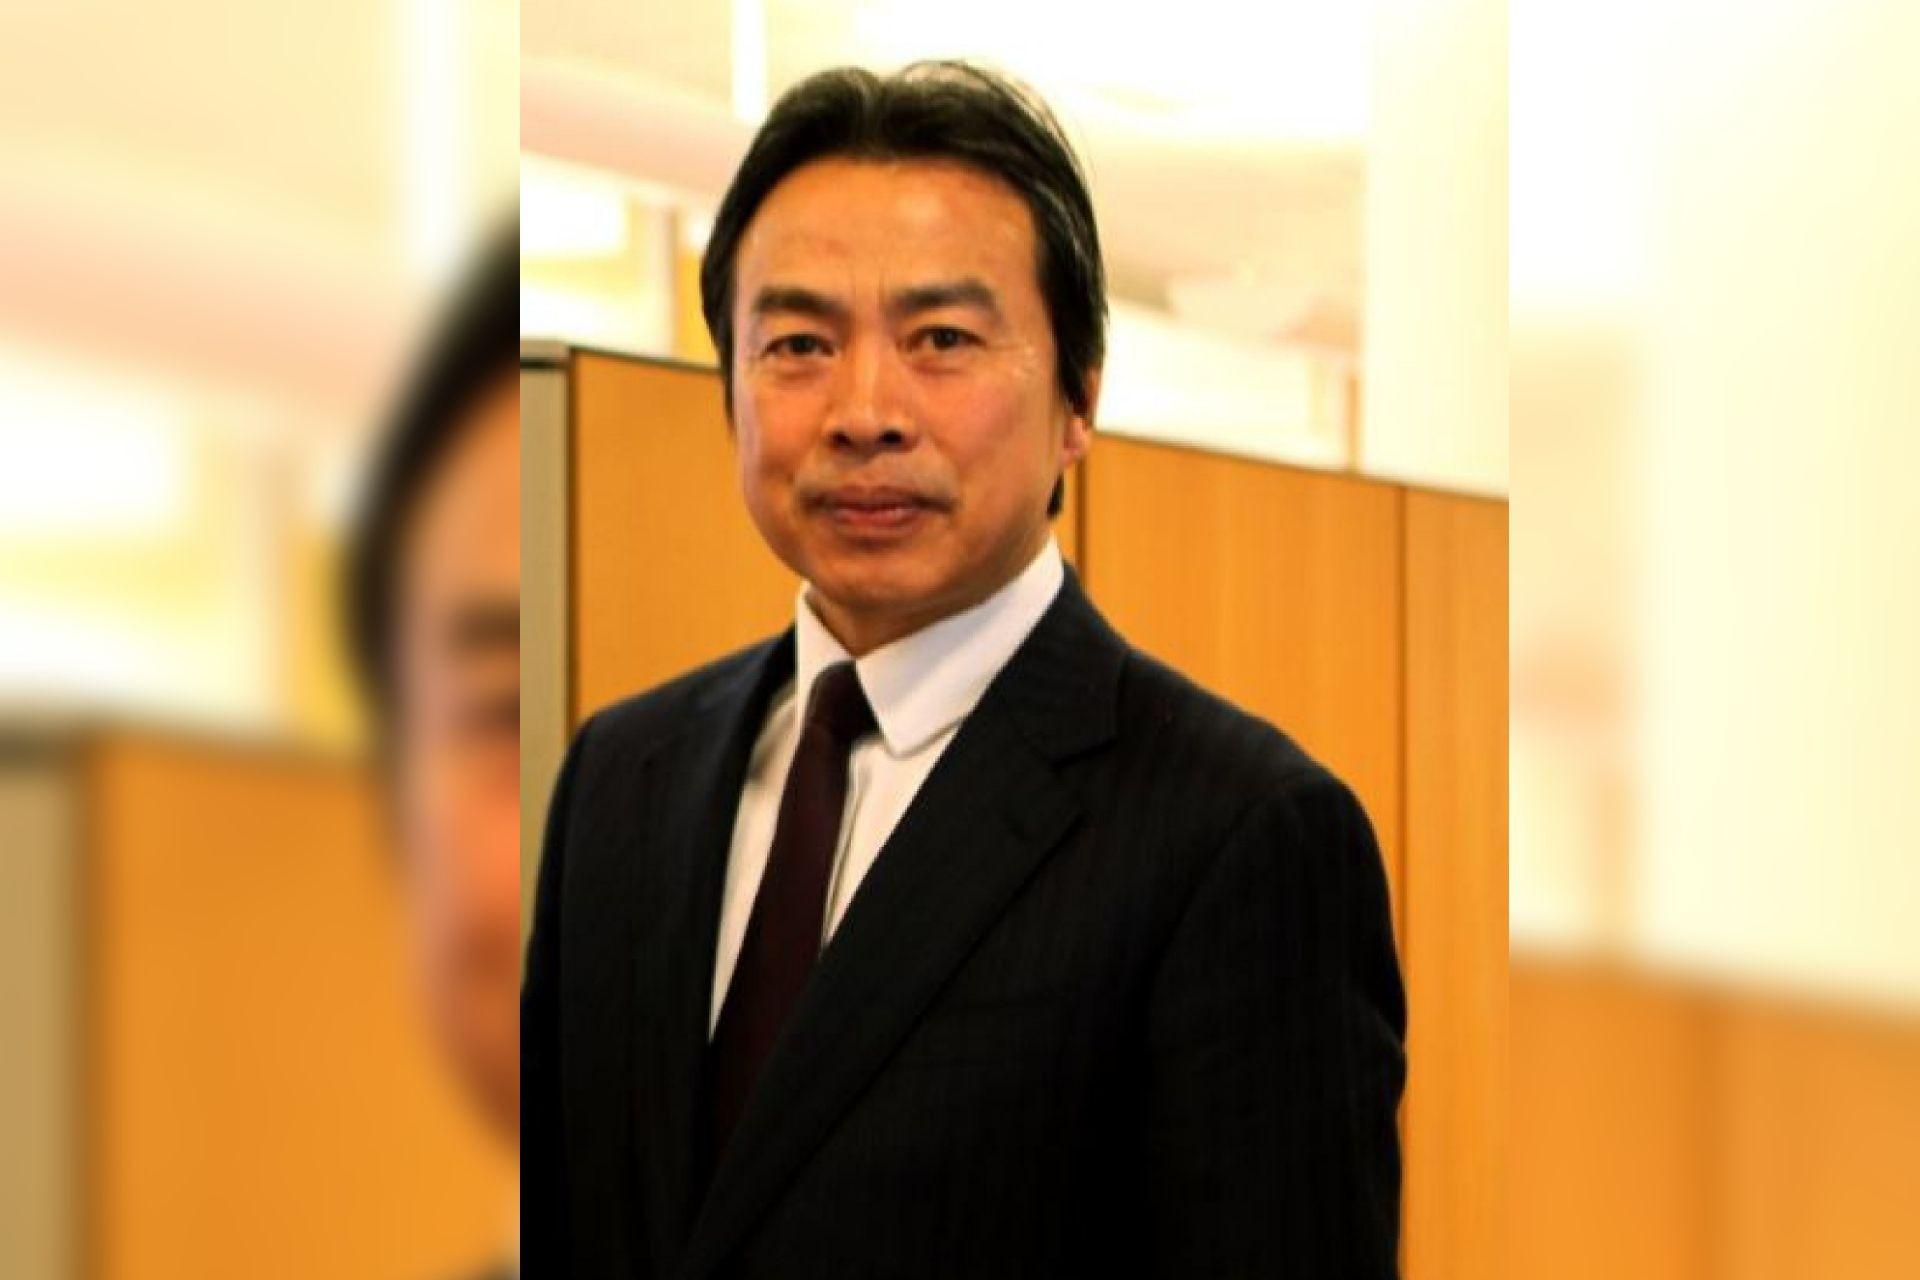 Chinese ambassador to Tel Aviv Du Wei found dead